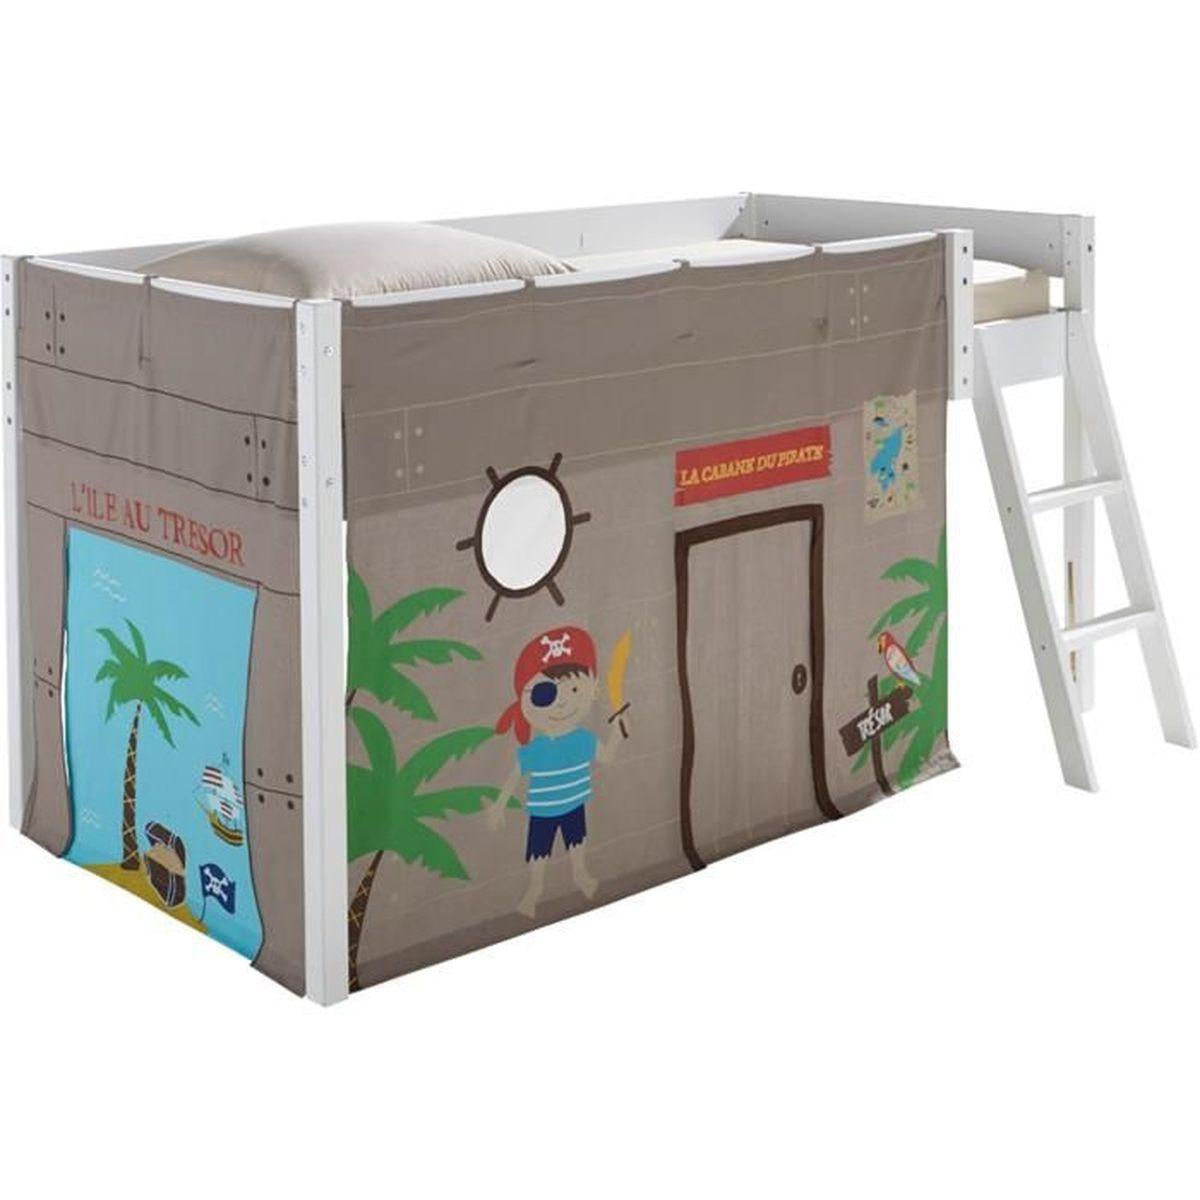 Pirate Tente pour lit enfant mi-haut (90x190 ou 90x200cm) - Achat ...